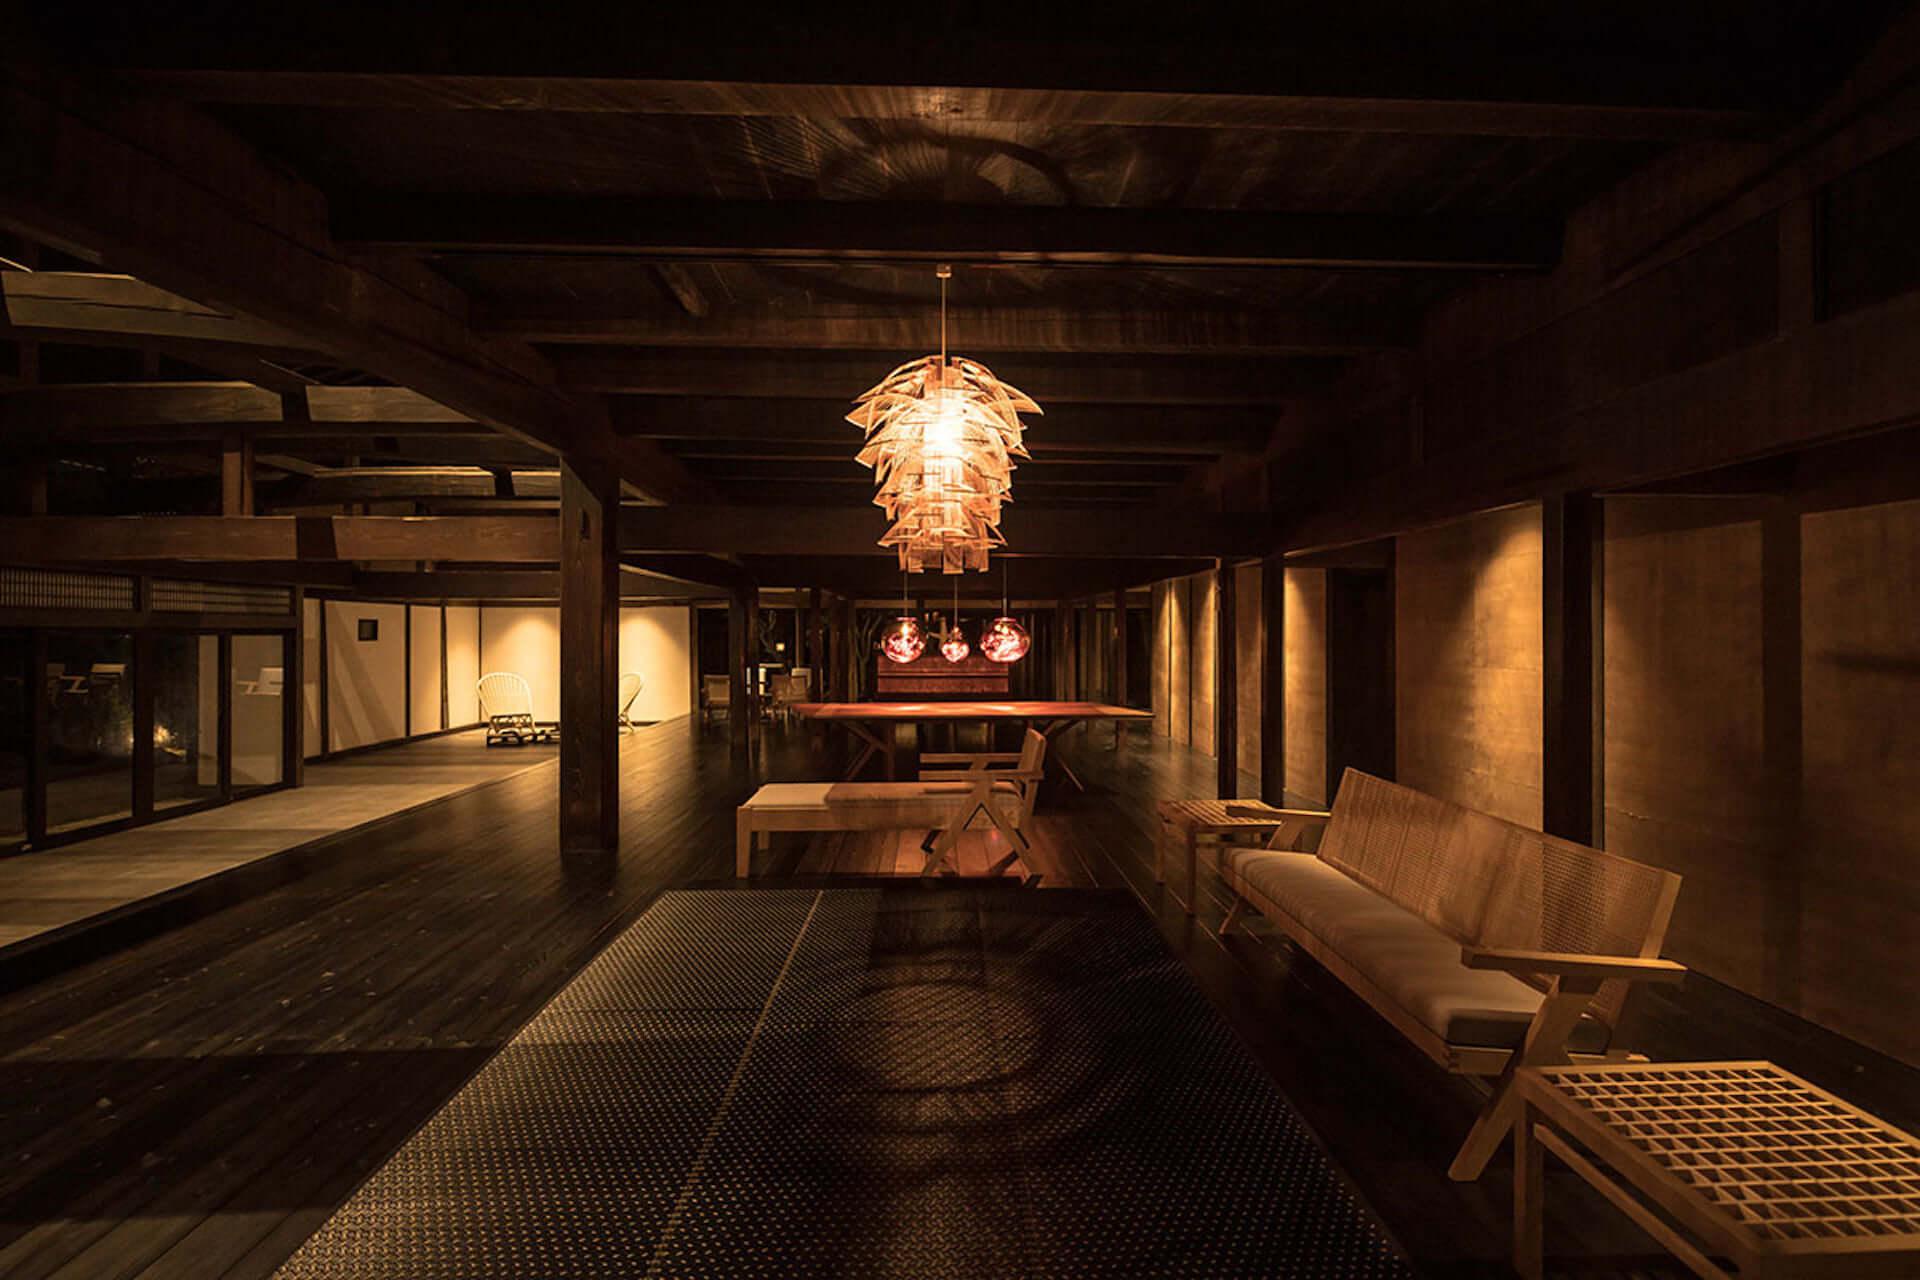 """「日本で最も美しい村」、日本の秘境に古民家ラグジュアリーホテル""""ゼナギ""""がOPEN! 4-1920x1280"""